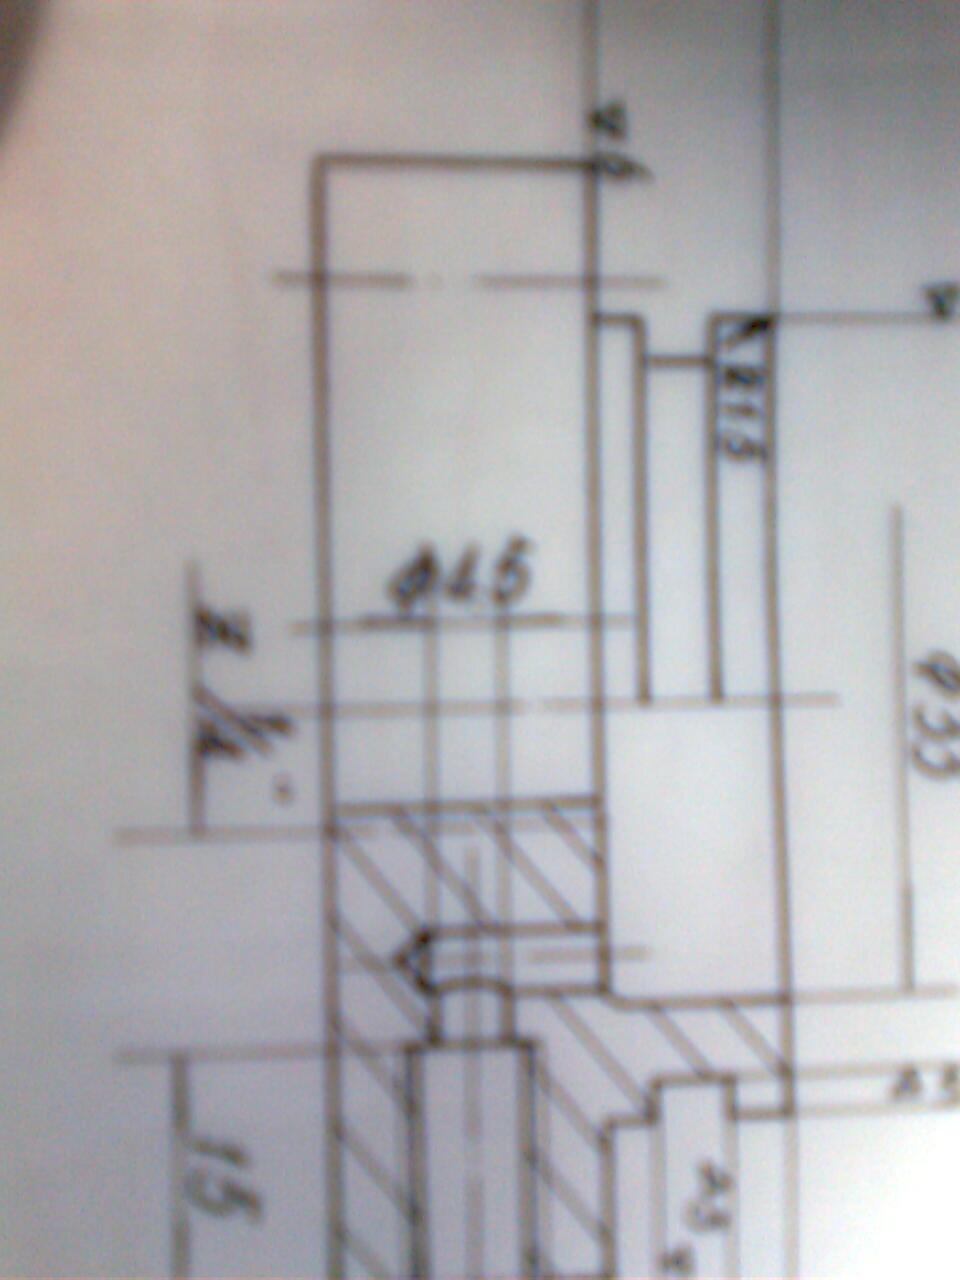 CAD软件技术施工交流区请教一些老电器的标图纸图纸学习图片